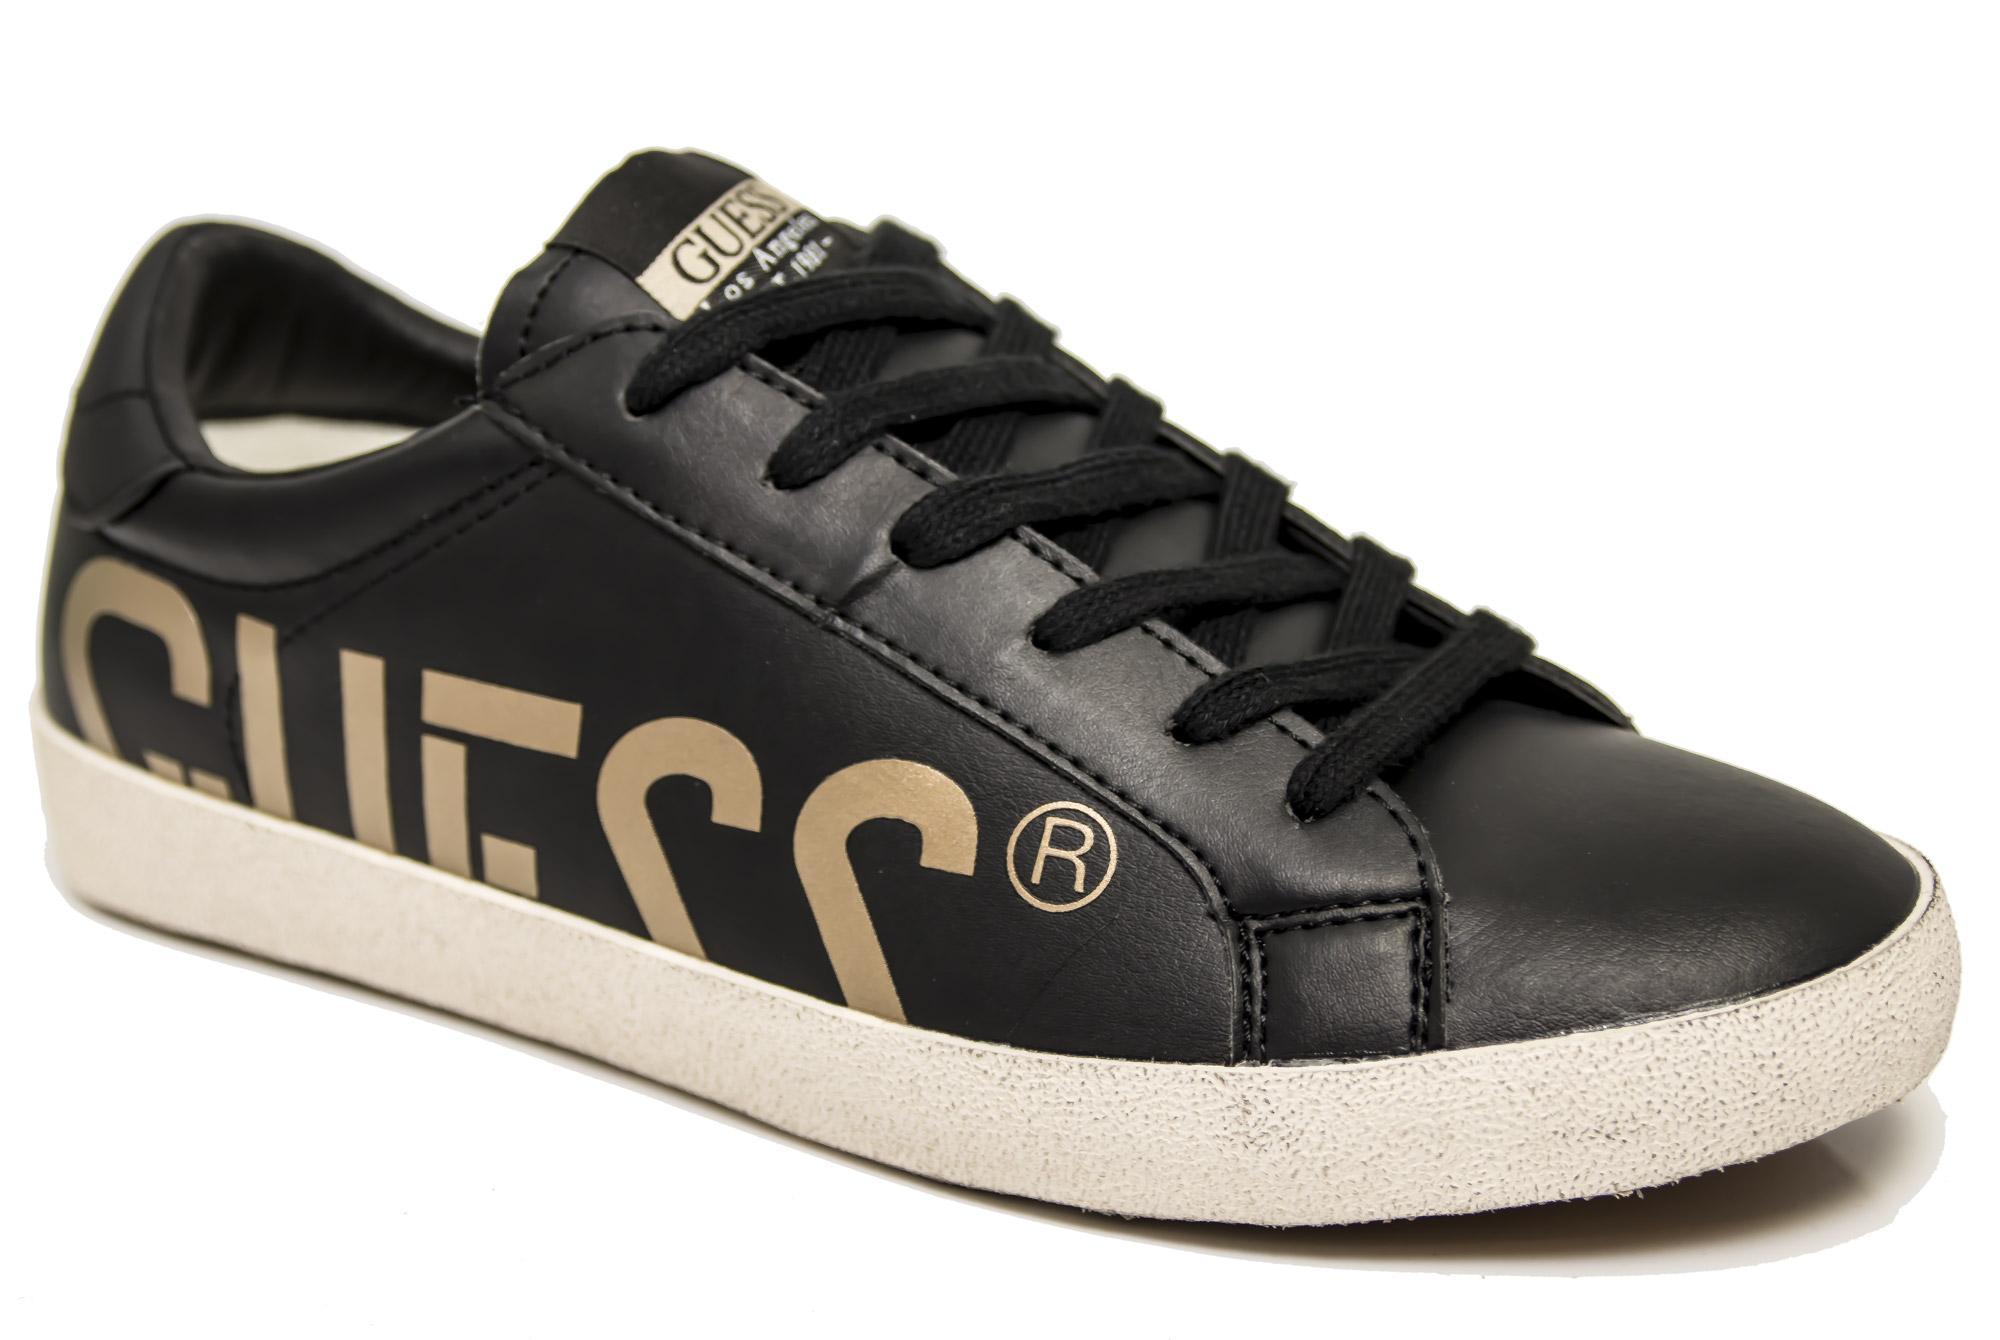 aspetto dettagliato migliore online nuova versione Détails sur Sneaker Guess FMRYN4-ESU12 scarpe uomo nero logo